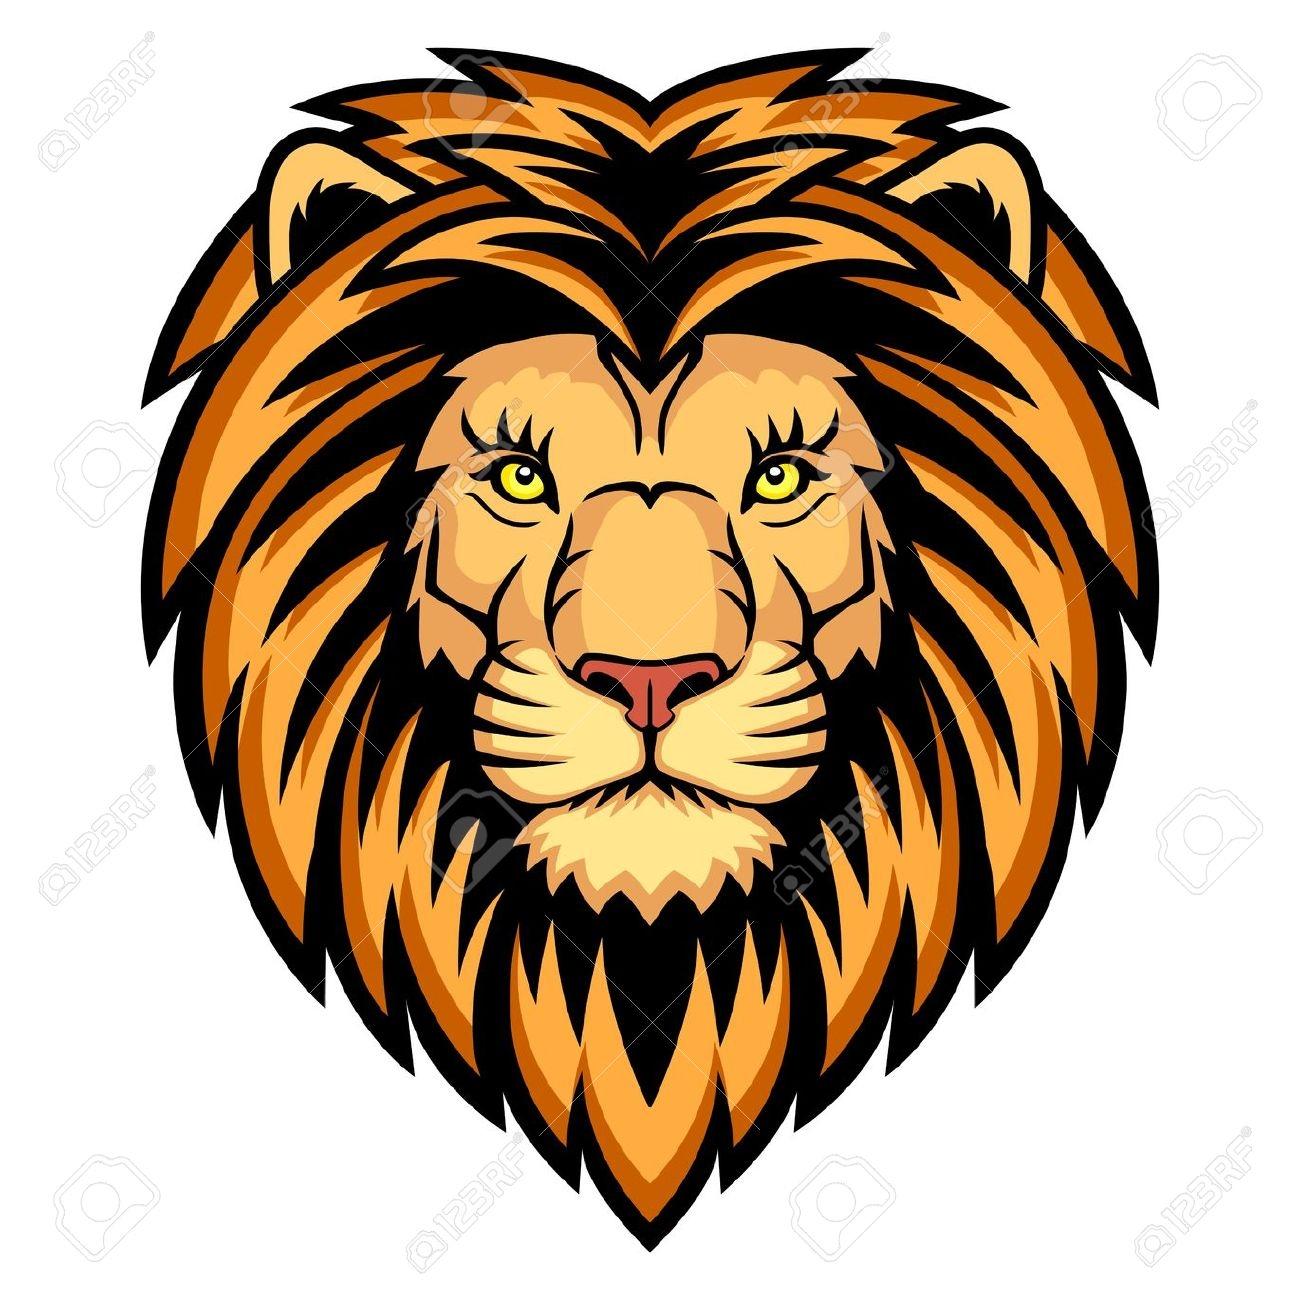 1300x1300 Lions Face Clipart Amp Lions Face Clip Art Images